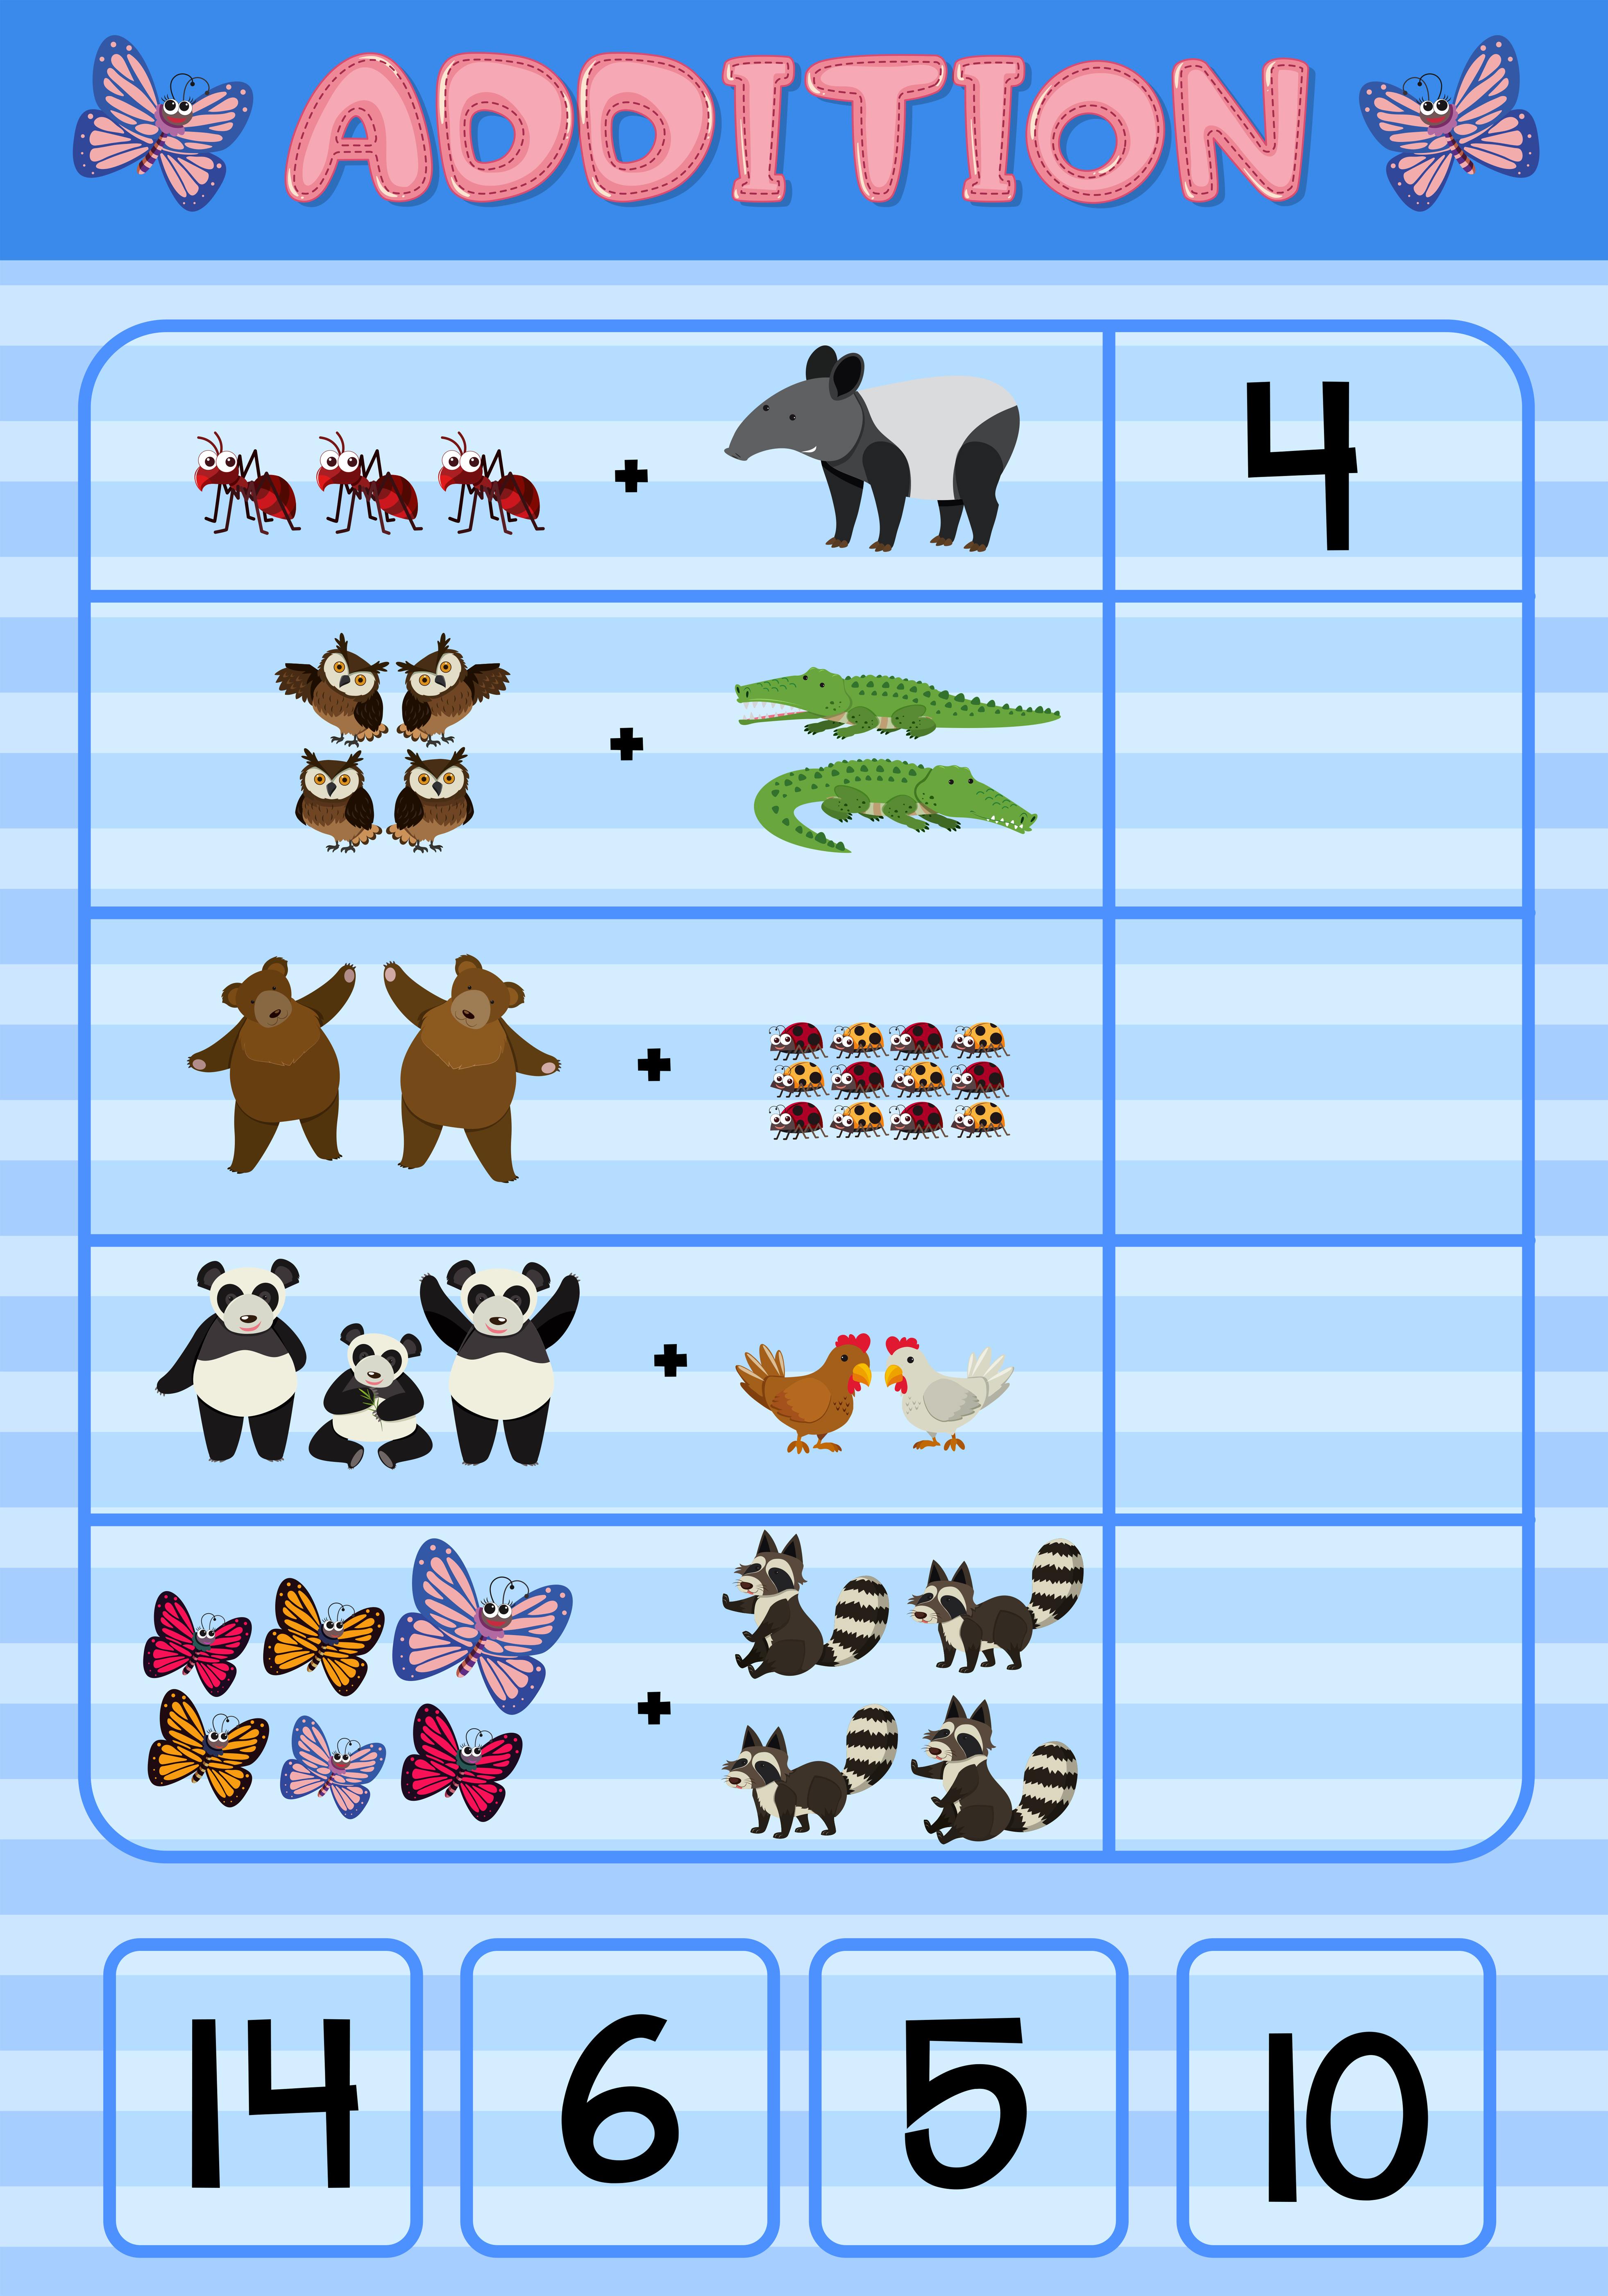 Addition Worksheet With Wild Animals